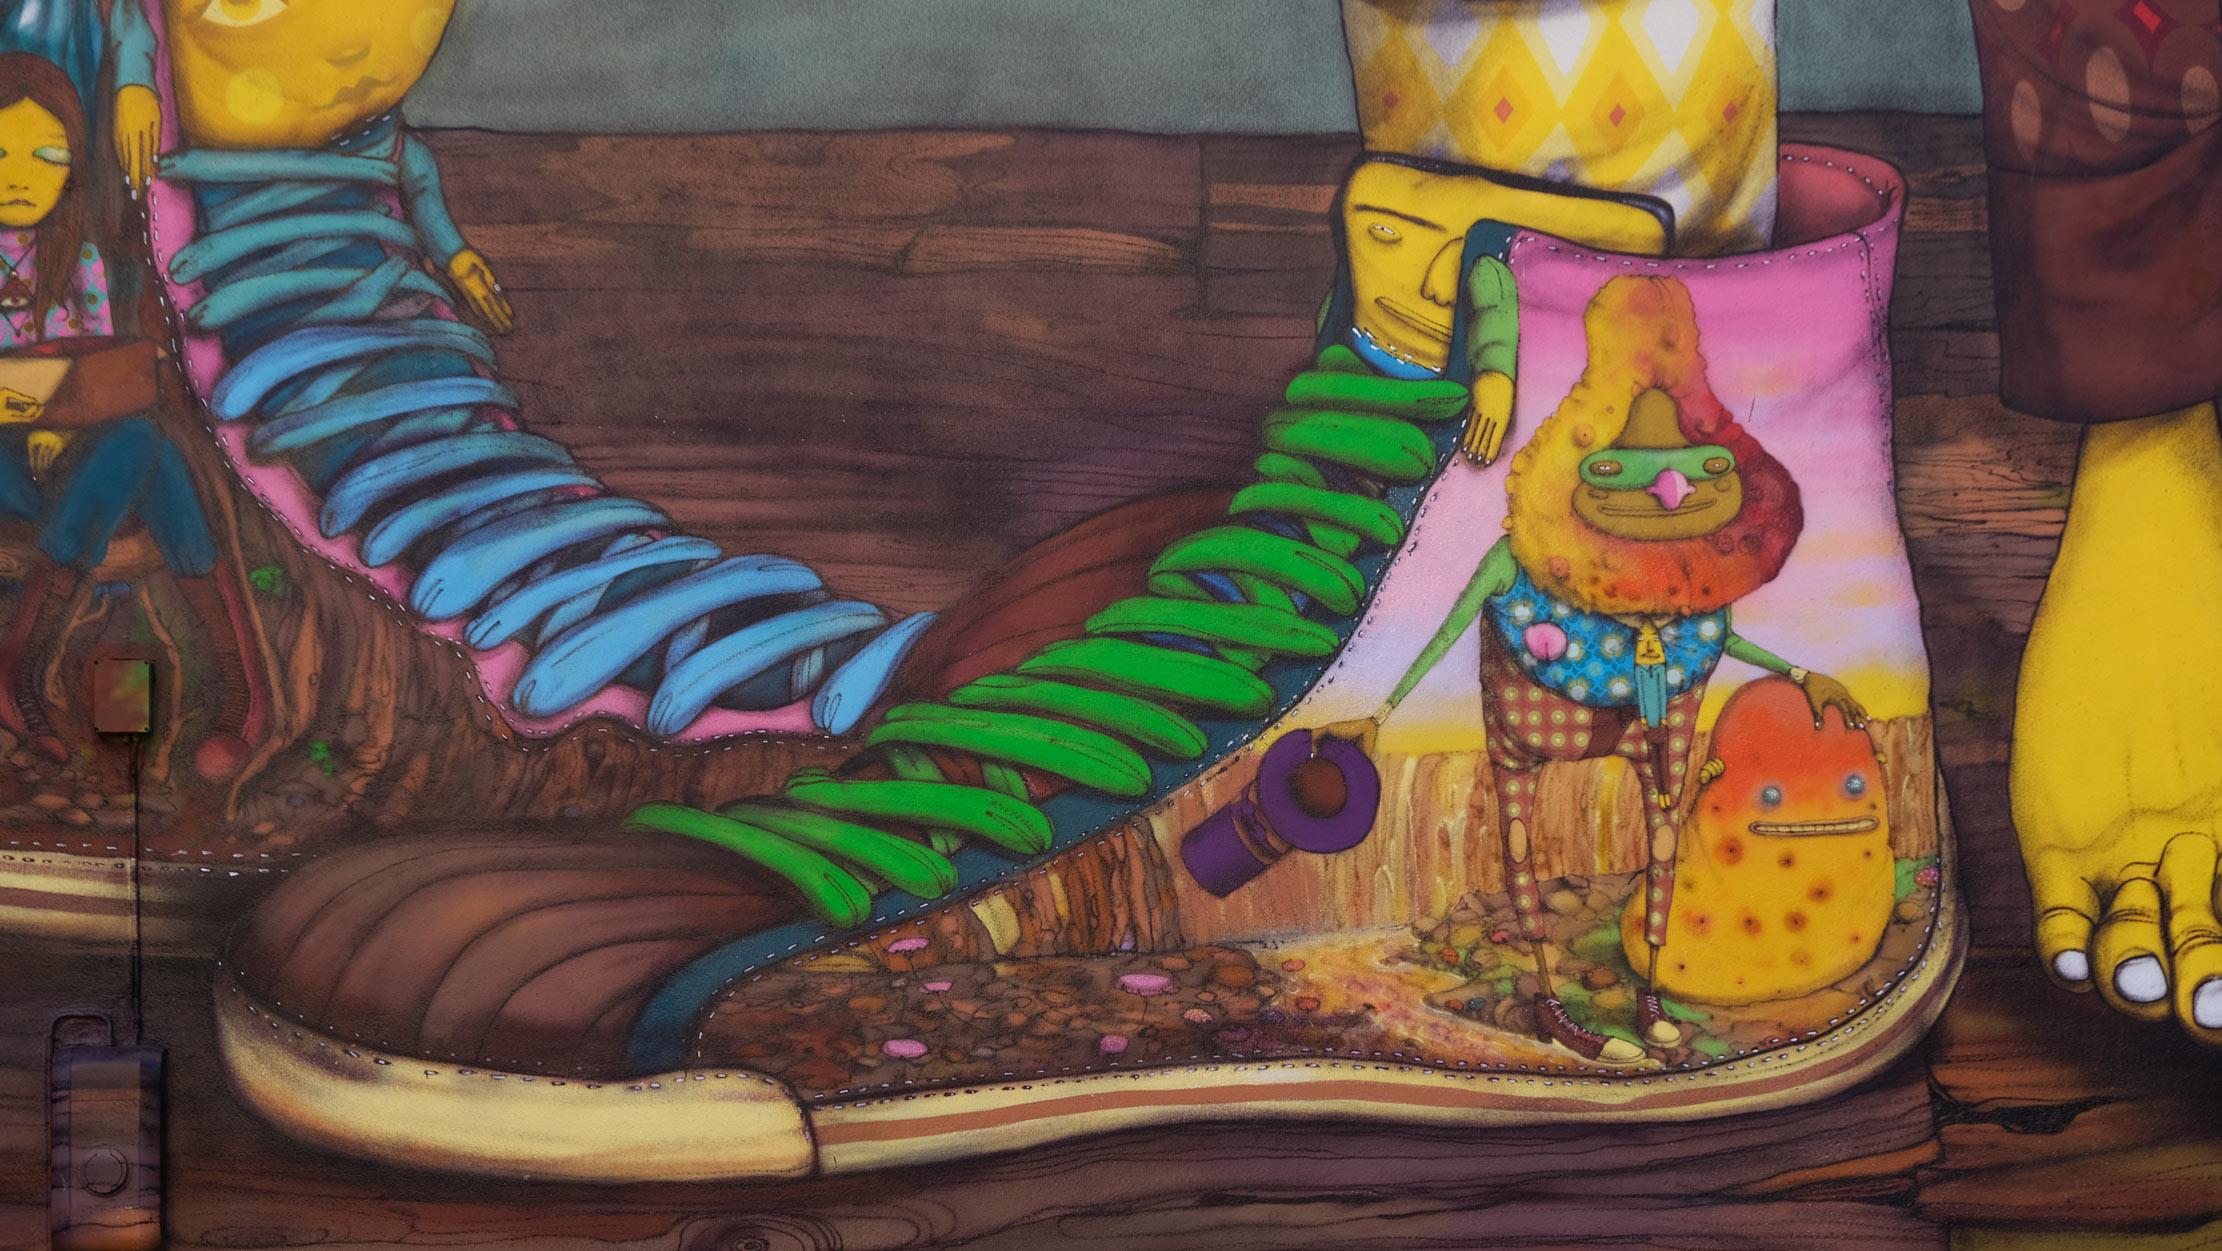 Arte urbano de Os Gemeos en Estocomo